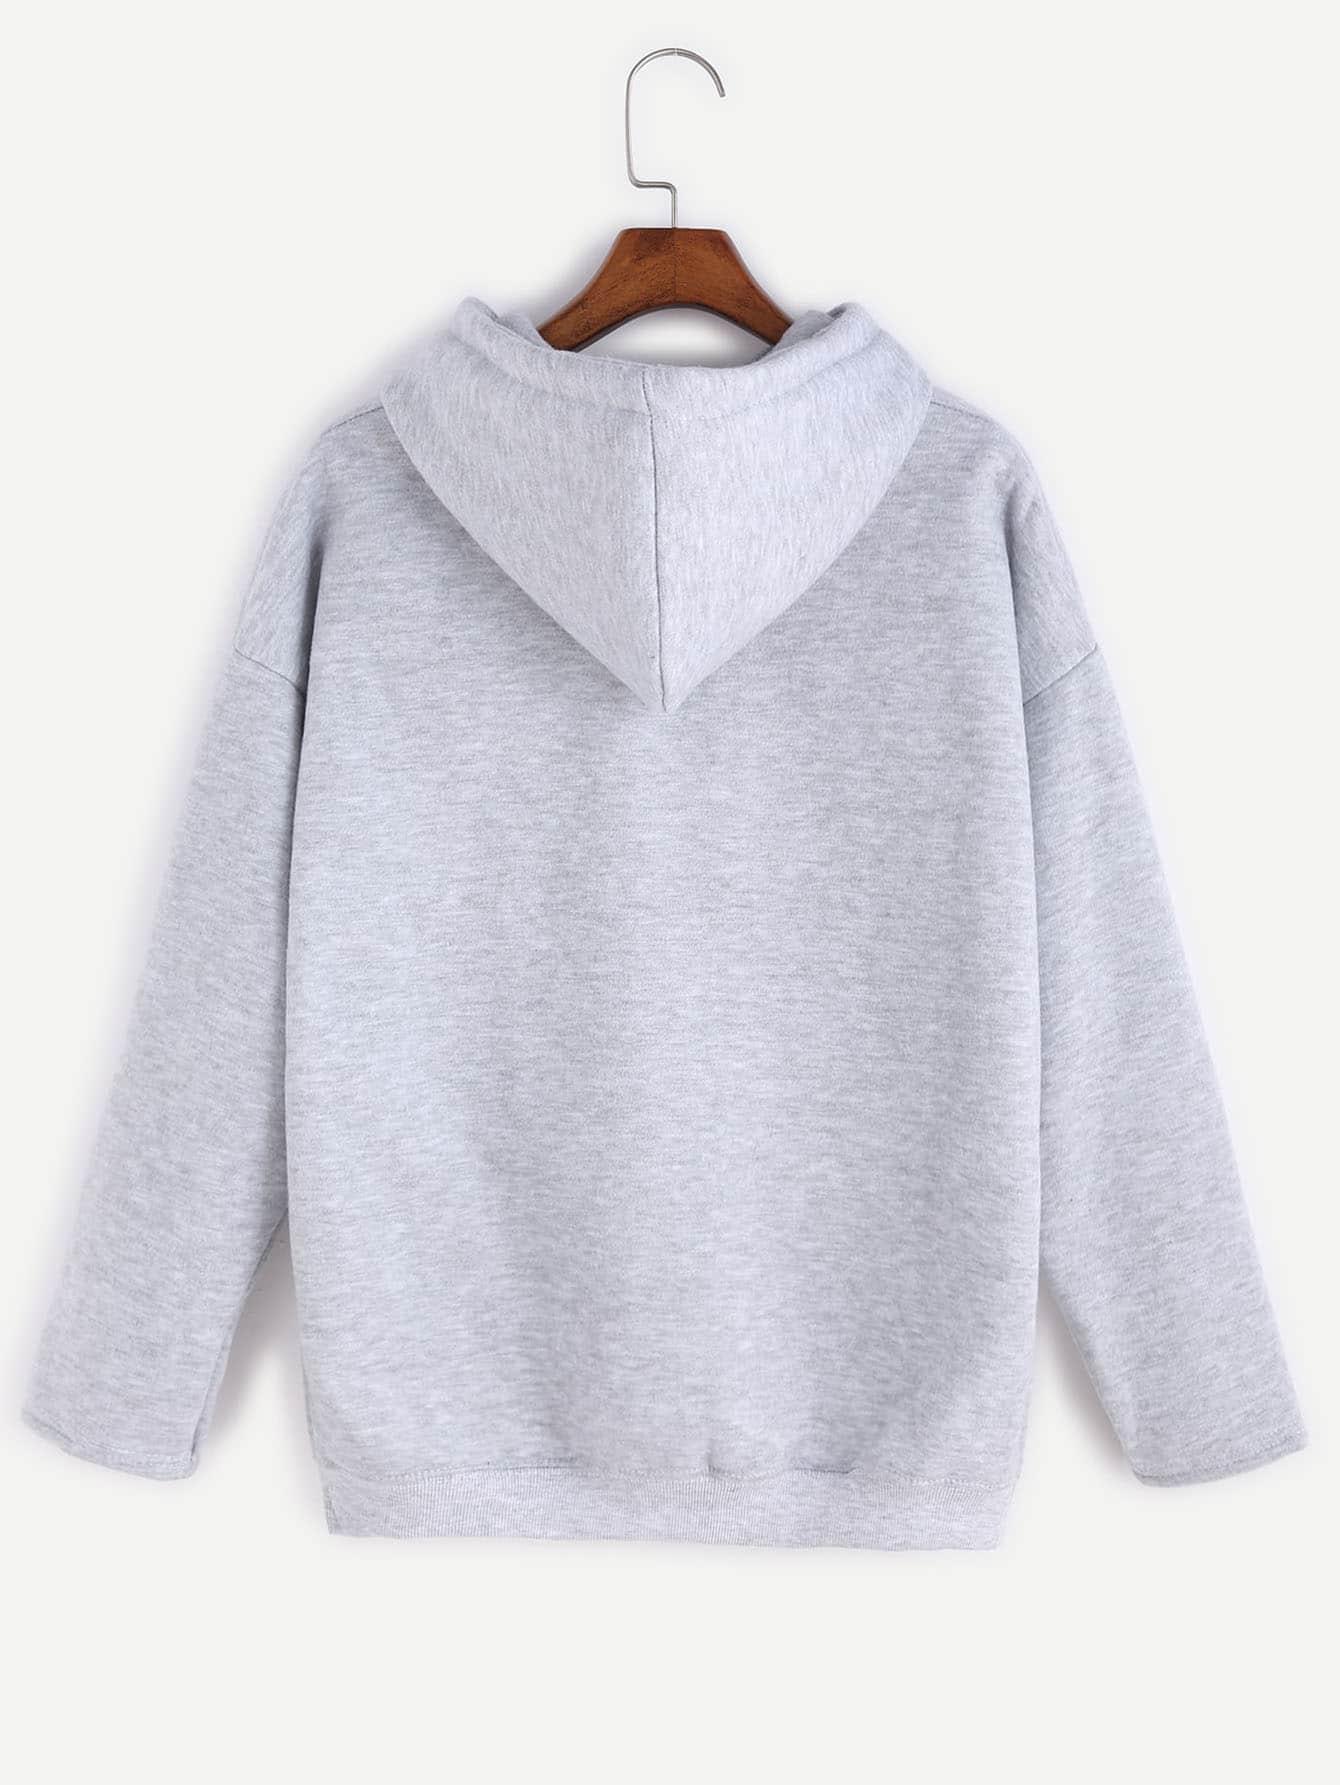 sweatshirt161017001_2